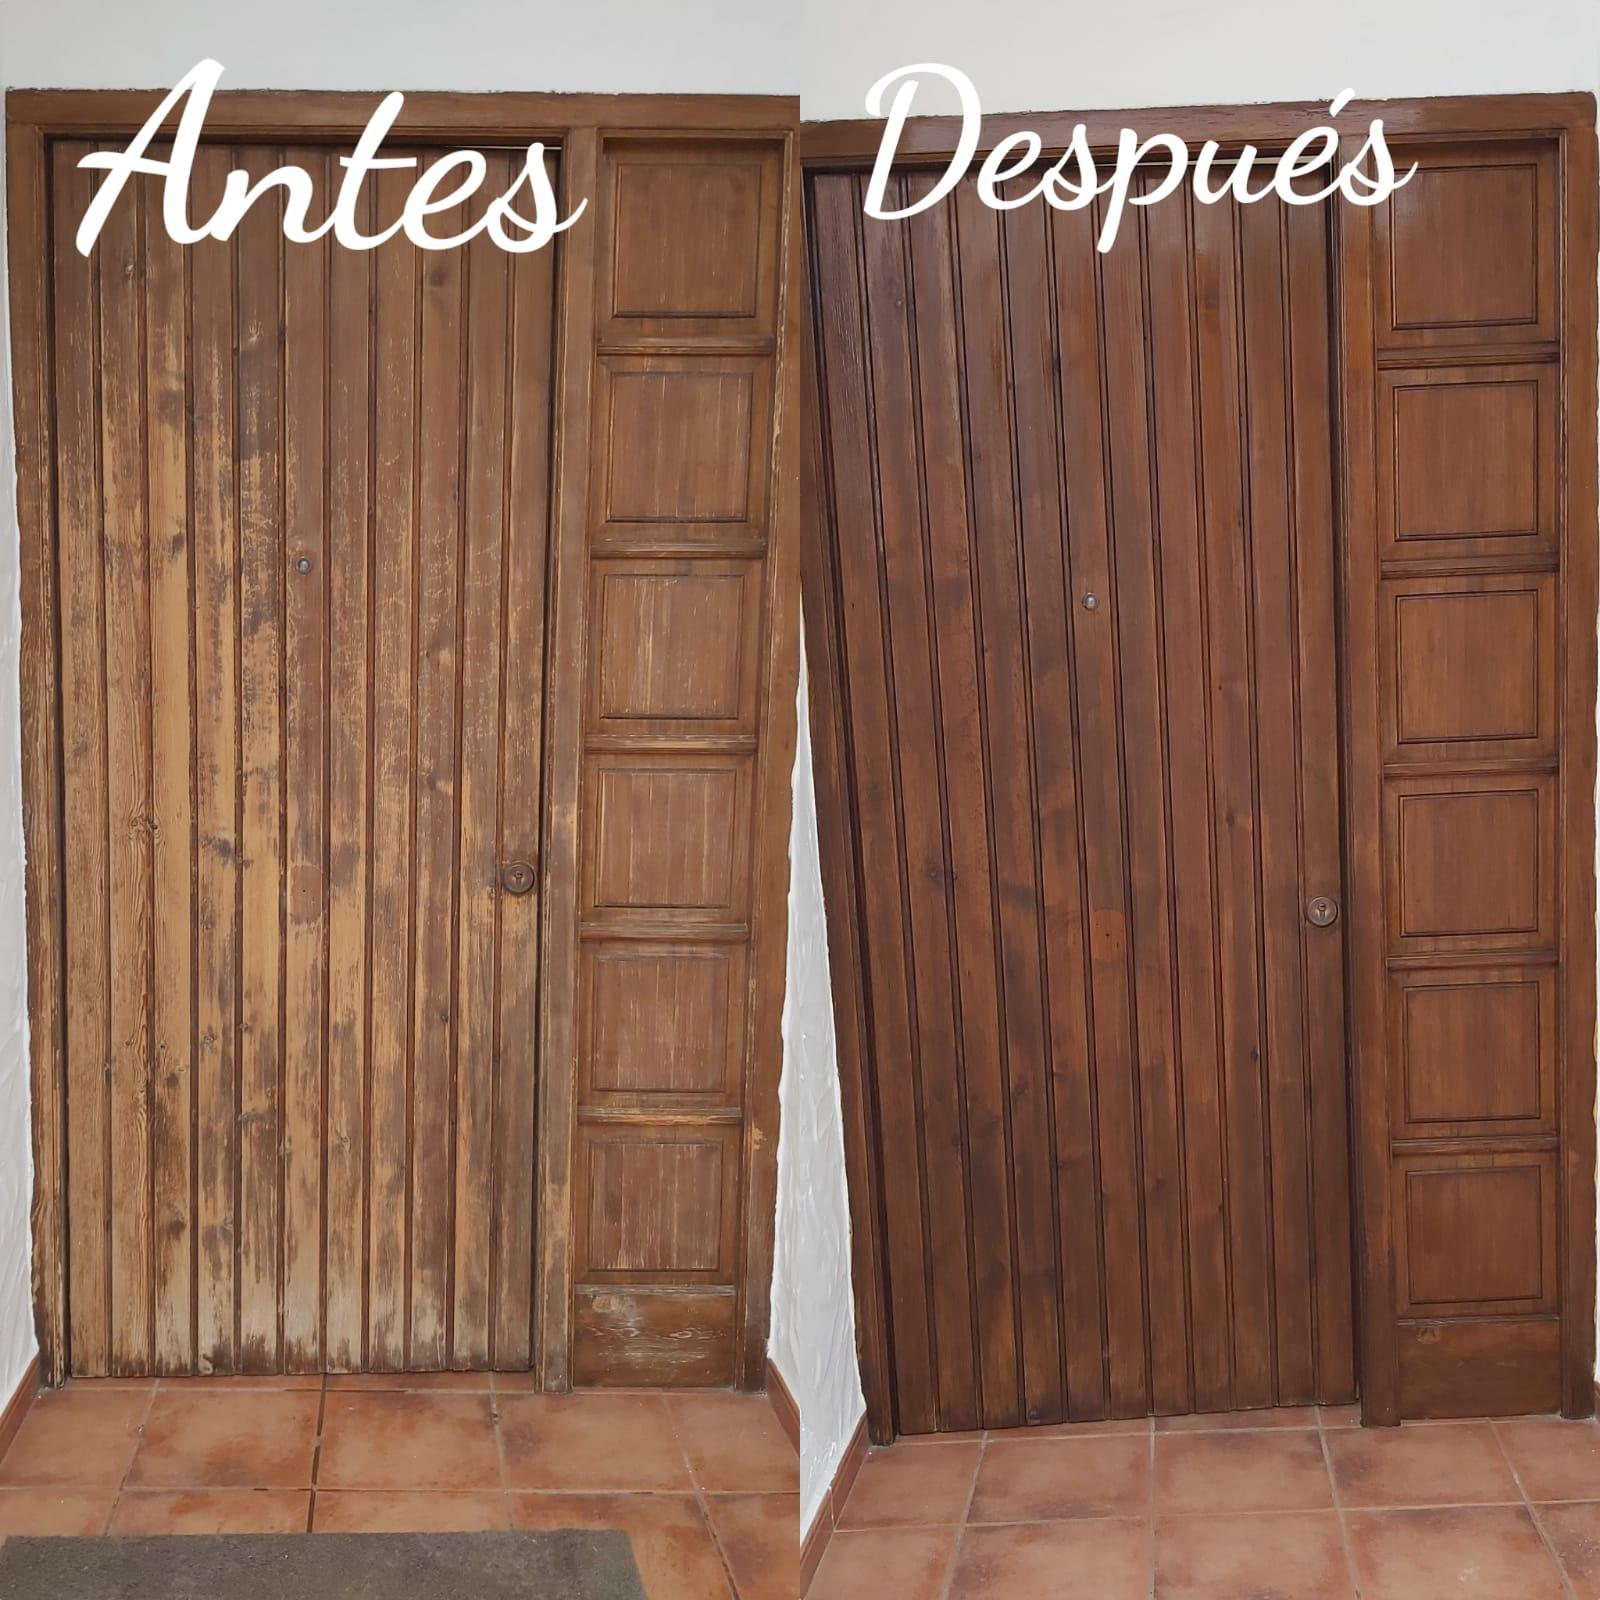 Empresa de pintores. Restauración de puerta de madera